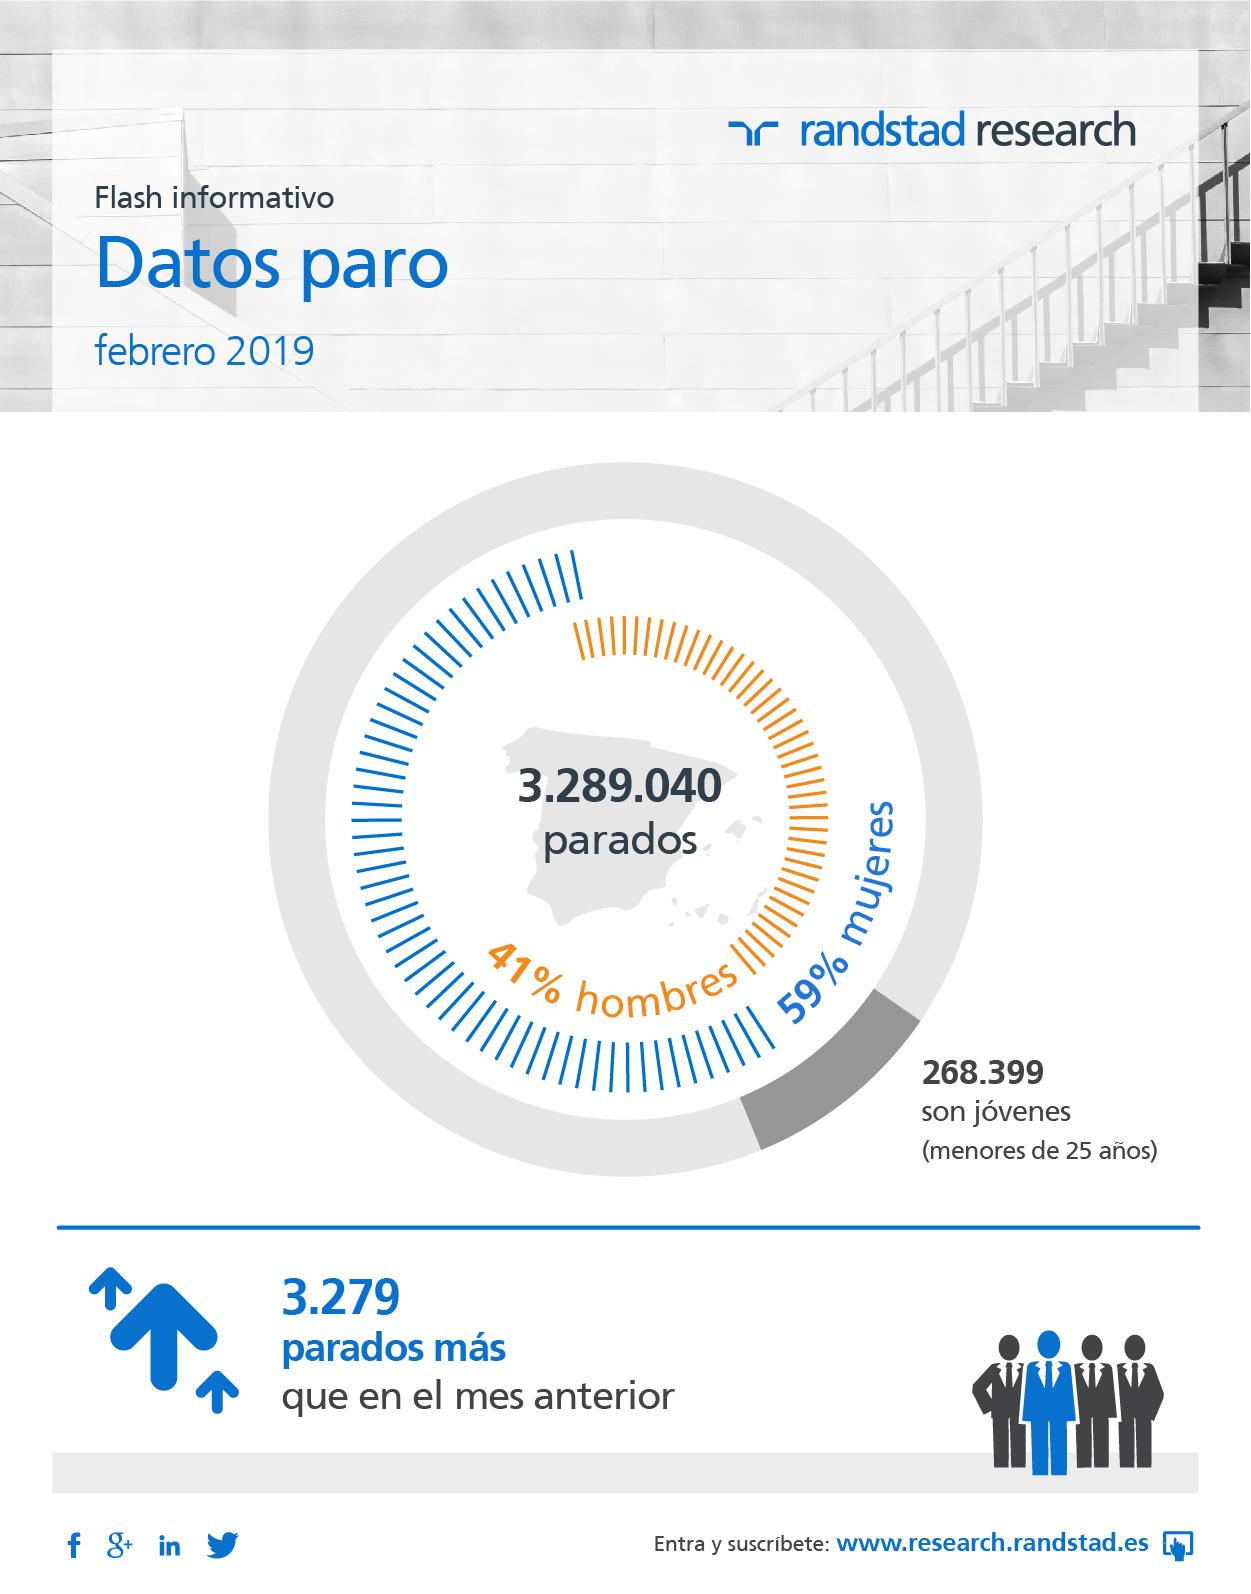 Infografía paro: el paro sube 3.279 en febrero de 2019